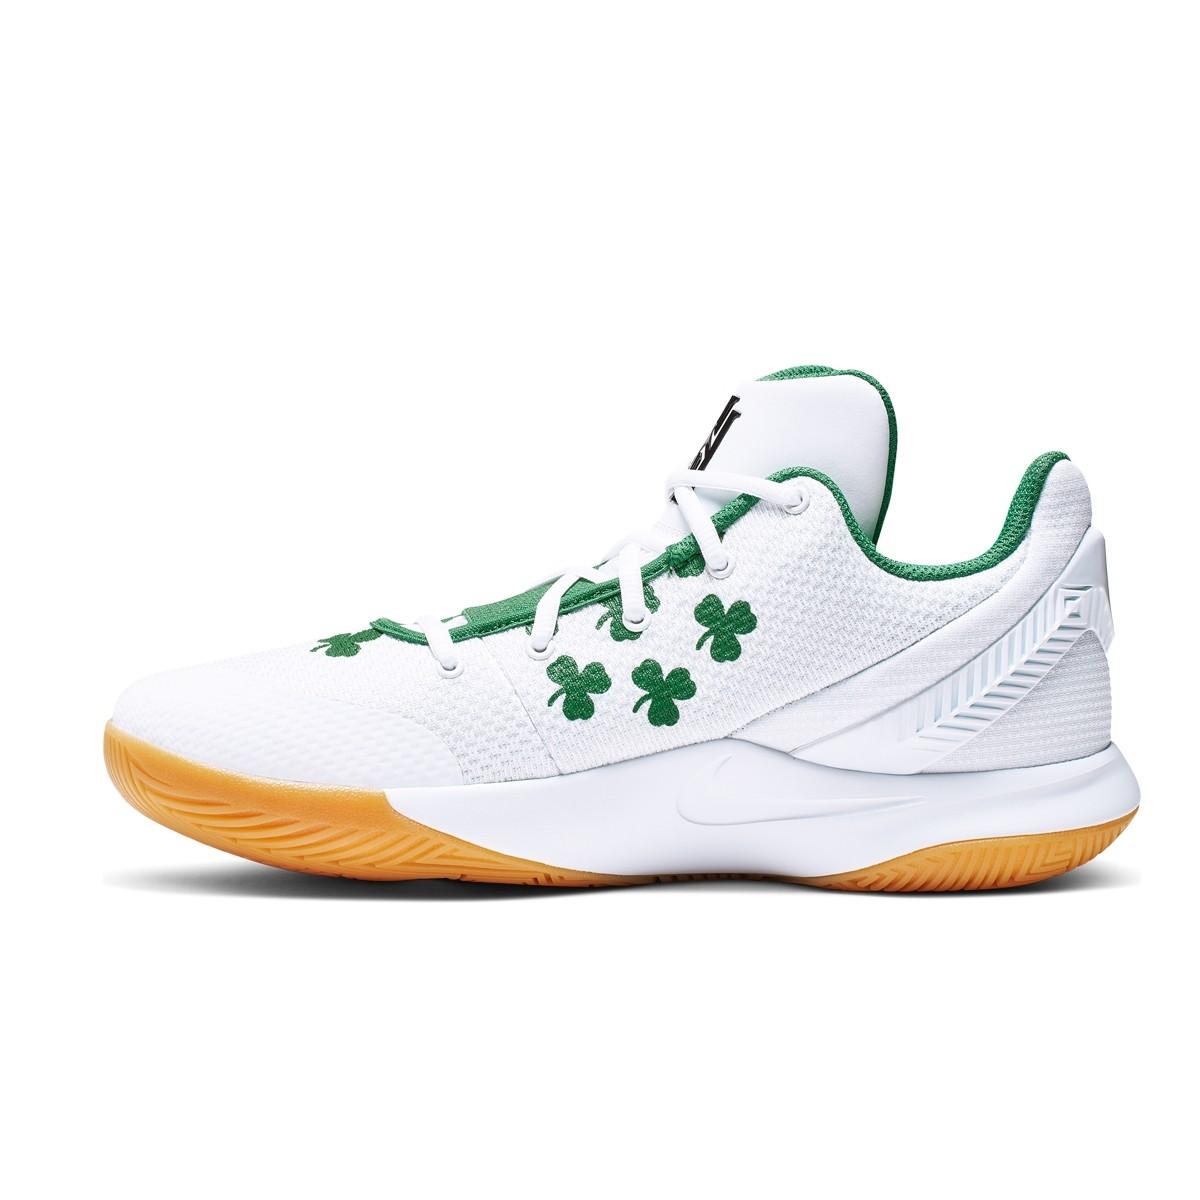 Kyrie Comprar Zapatillas Baloncesto Flytrap Nike Ii Y Gs 'celtics' q3ALj54R